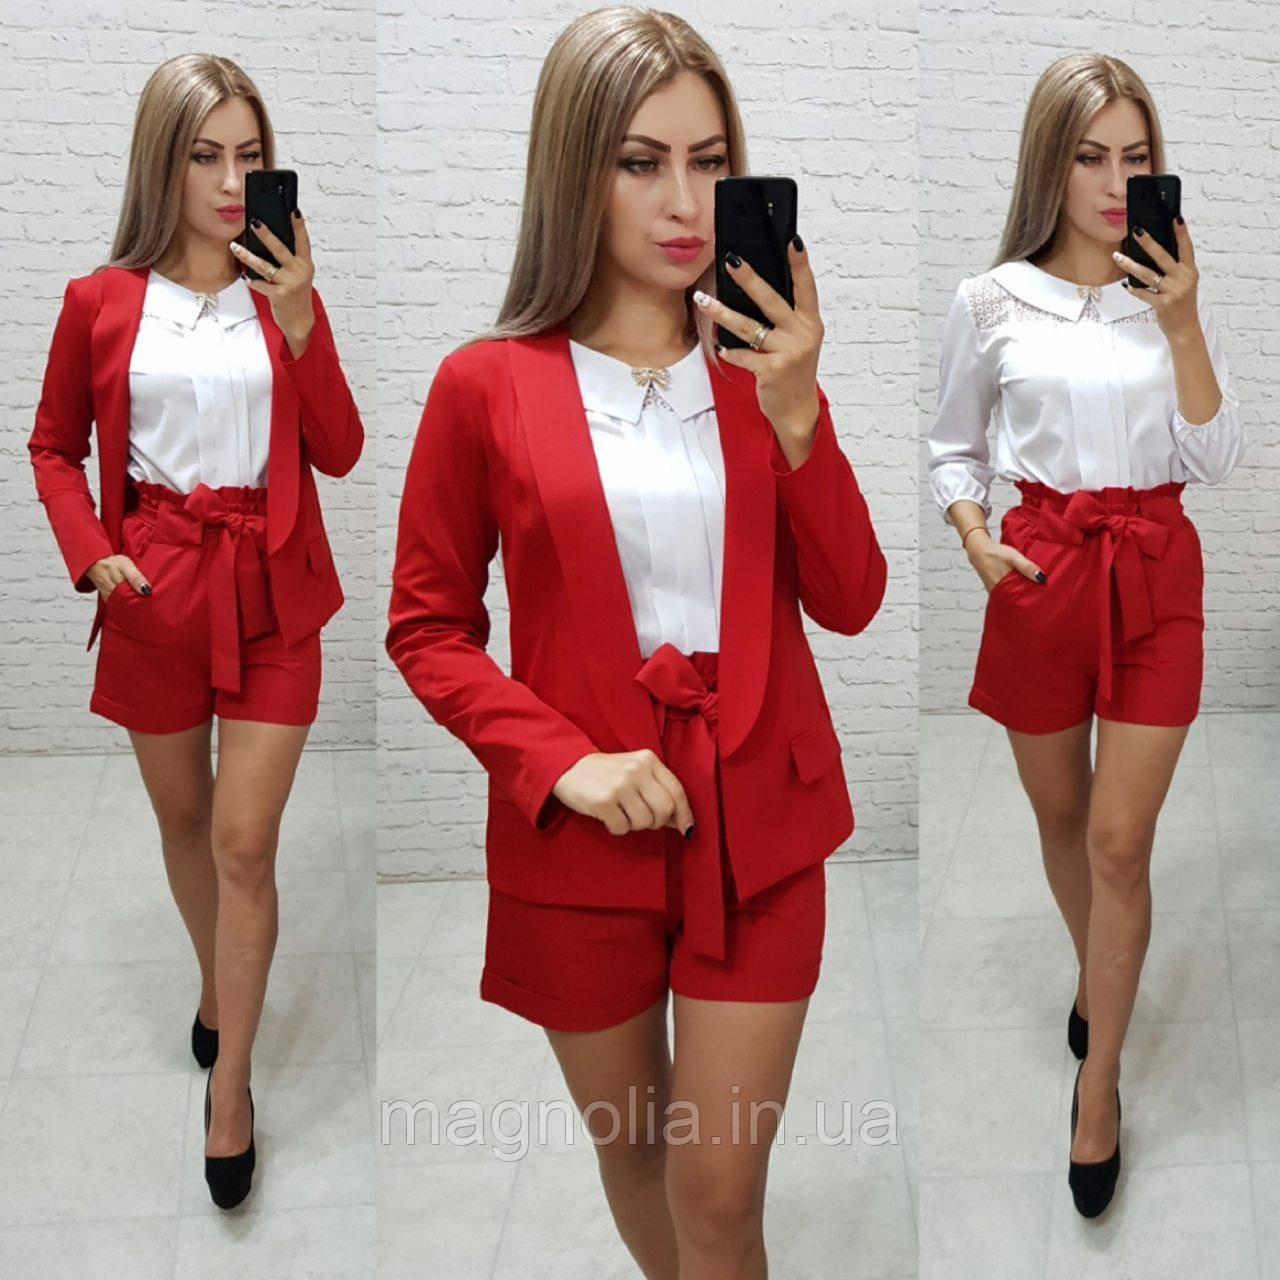 Костюм двойка Khan classic арт. 3 ( жакет+шорты ) красный